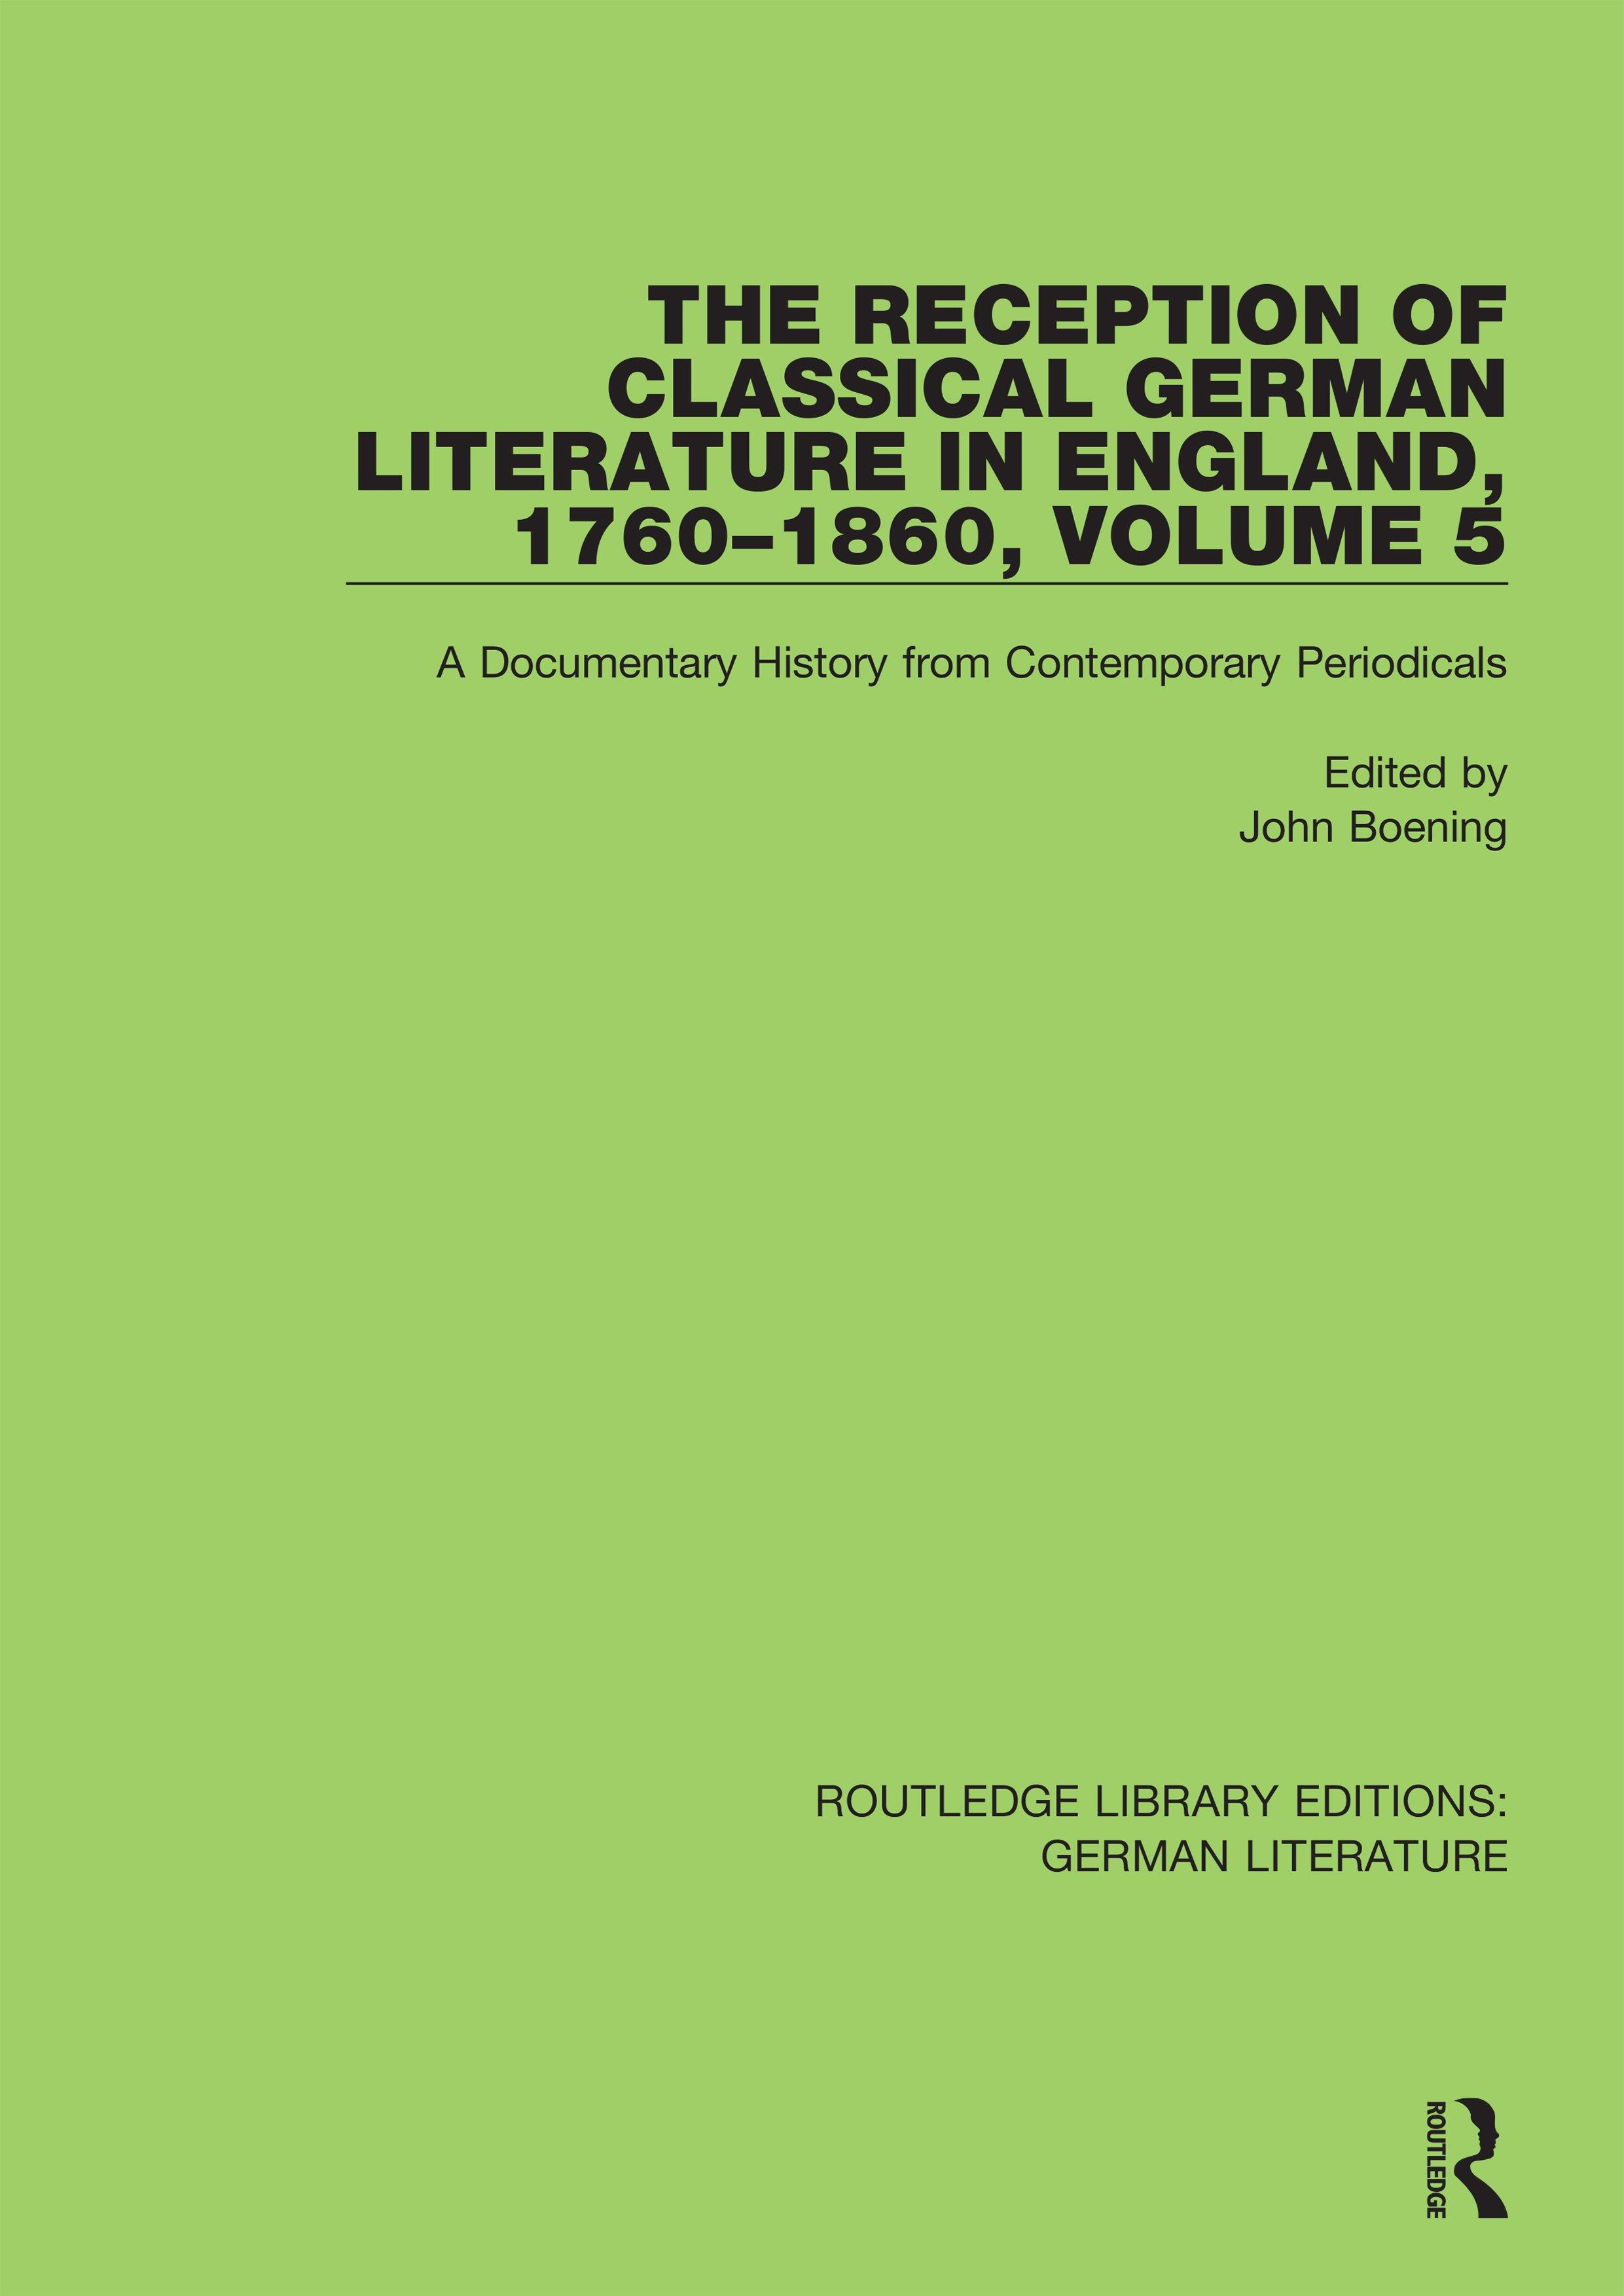 CRITICAL REVIEW, 2nd ser. 28 (1800), 472–475. M/H Nos. 1383–1385.